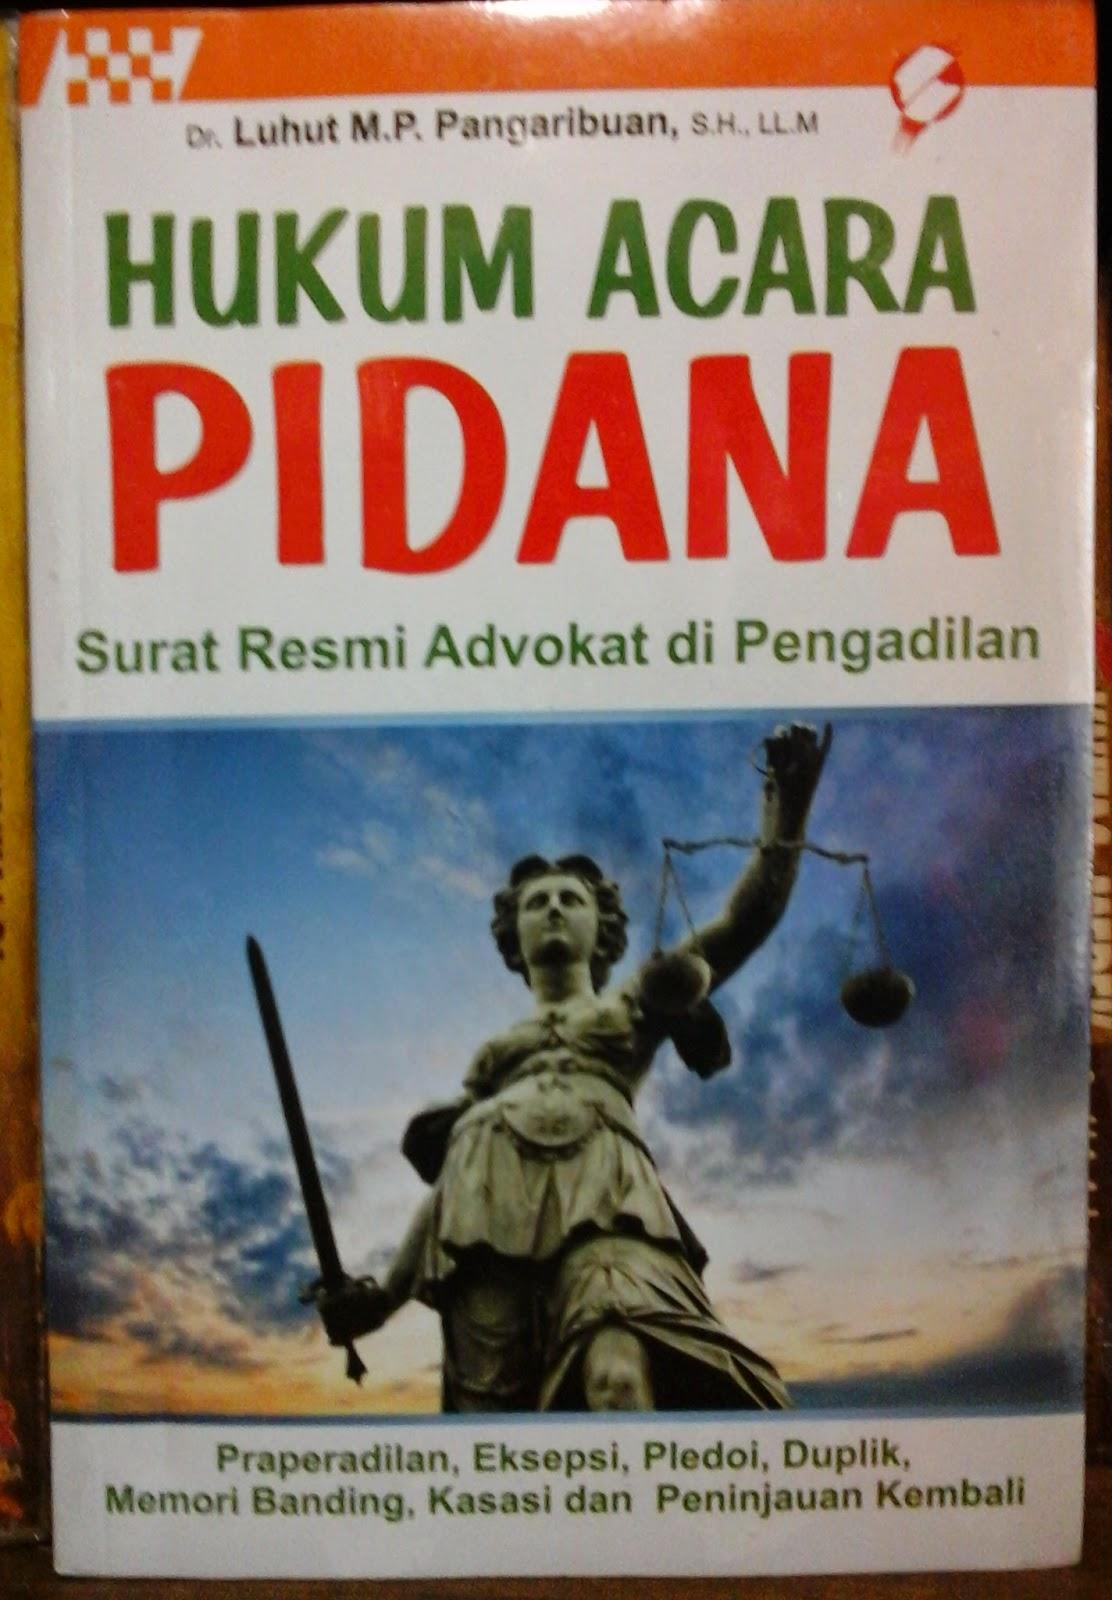 Buku Hukum Acara Pidana